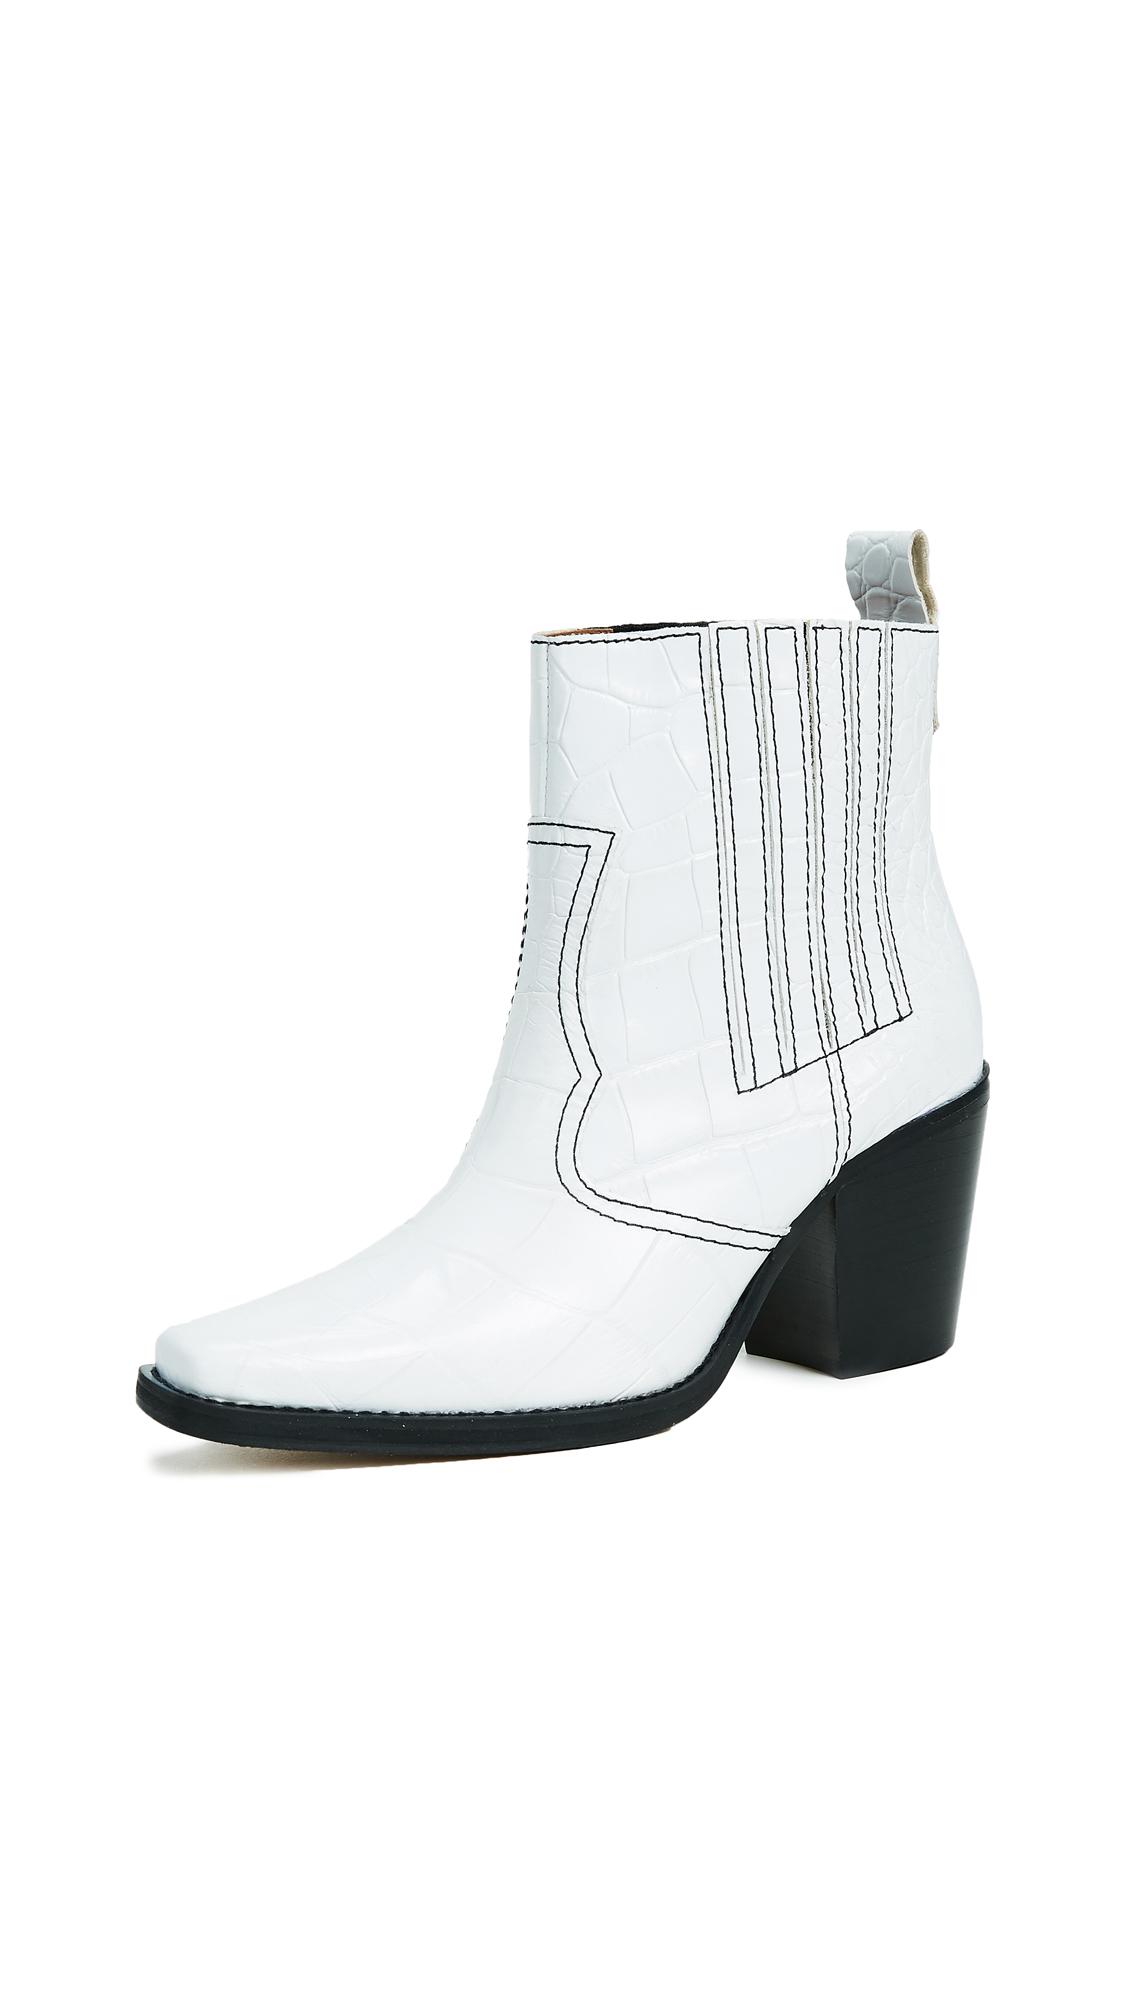 GANNI Callie Booties - Bright White